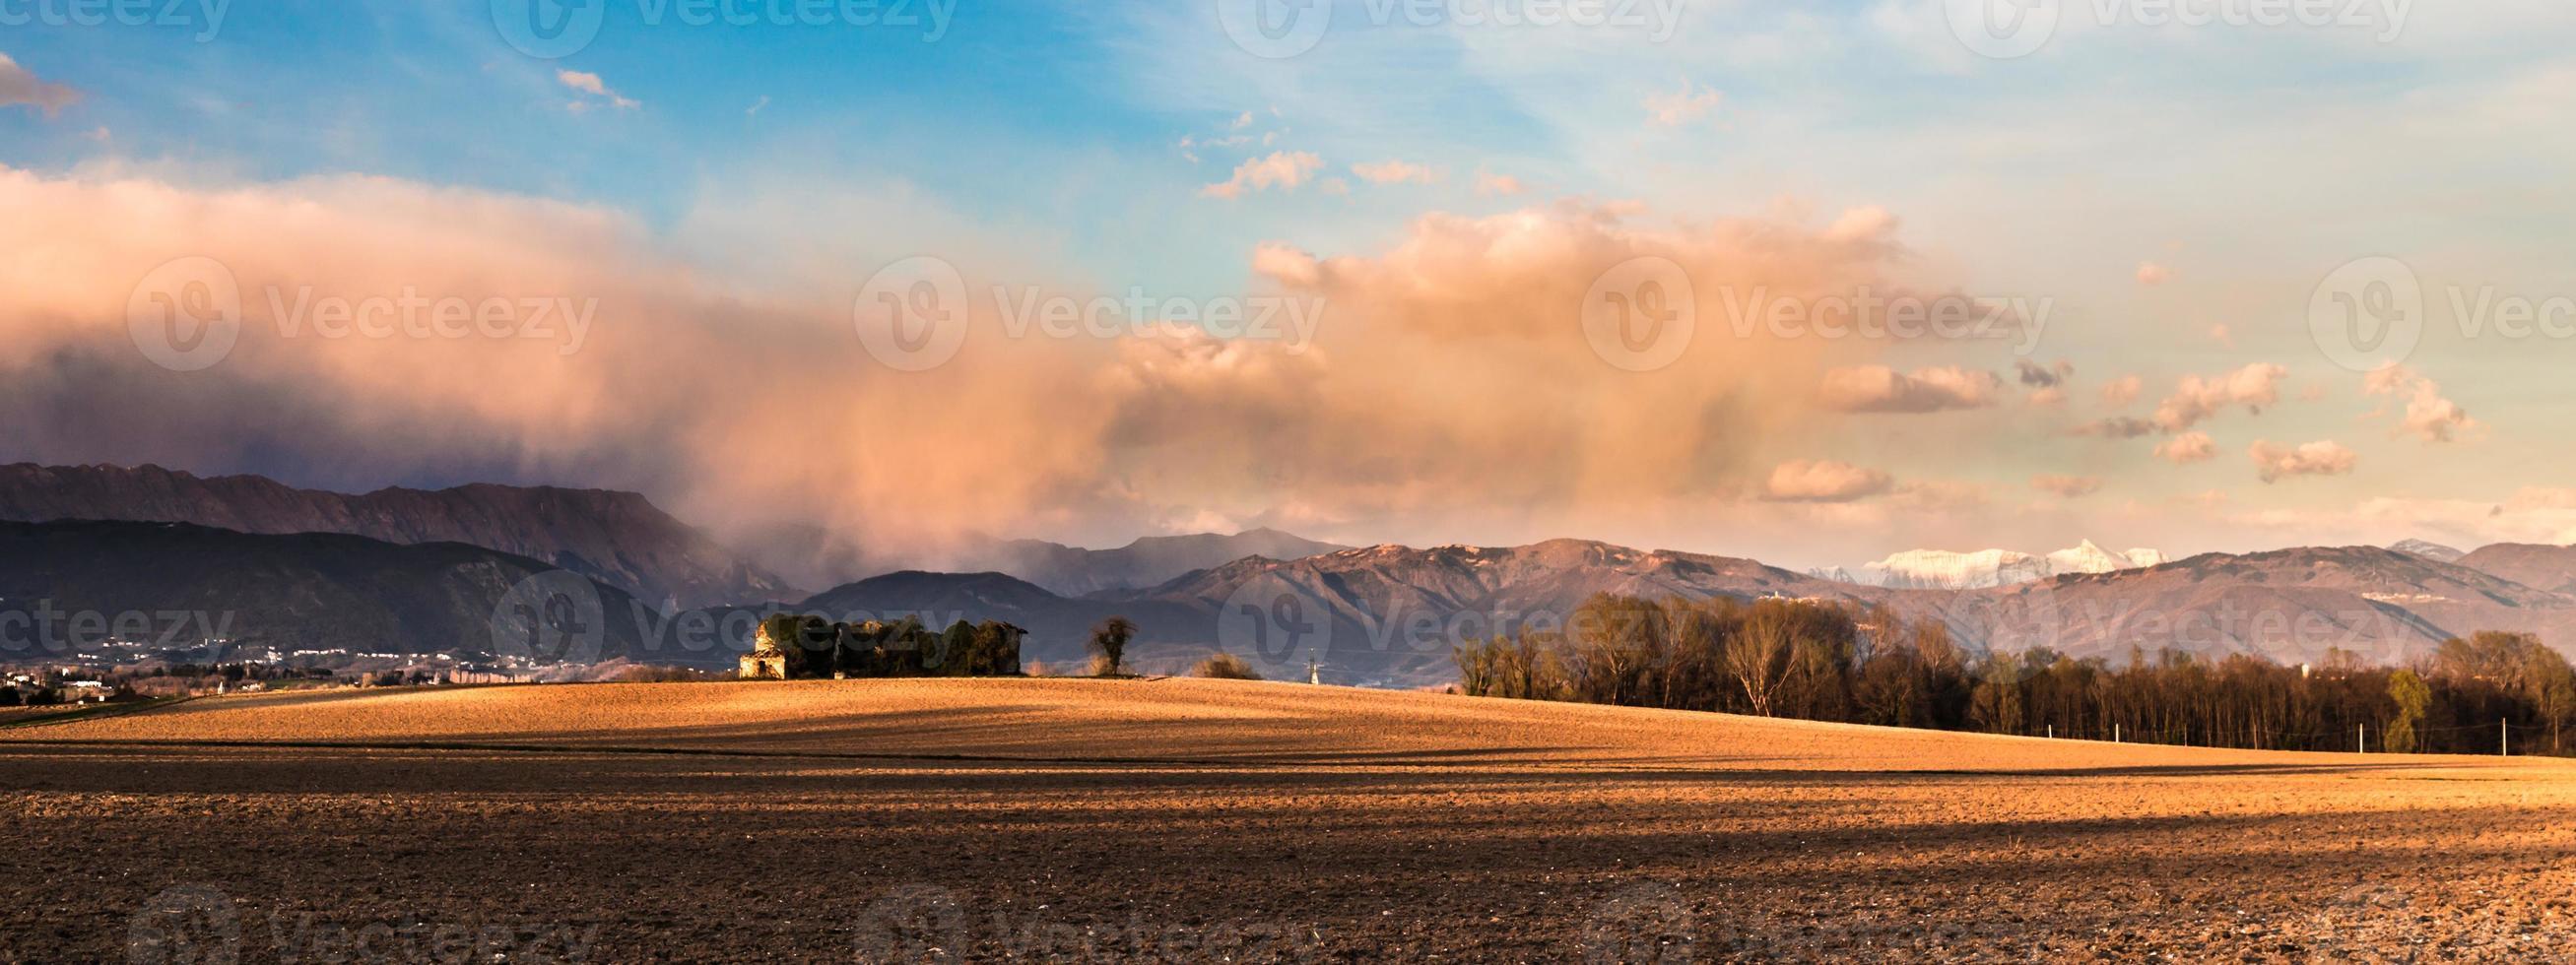 verlassener Bauernhof auf dem Land foto